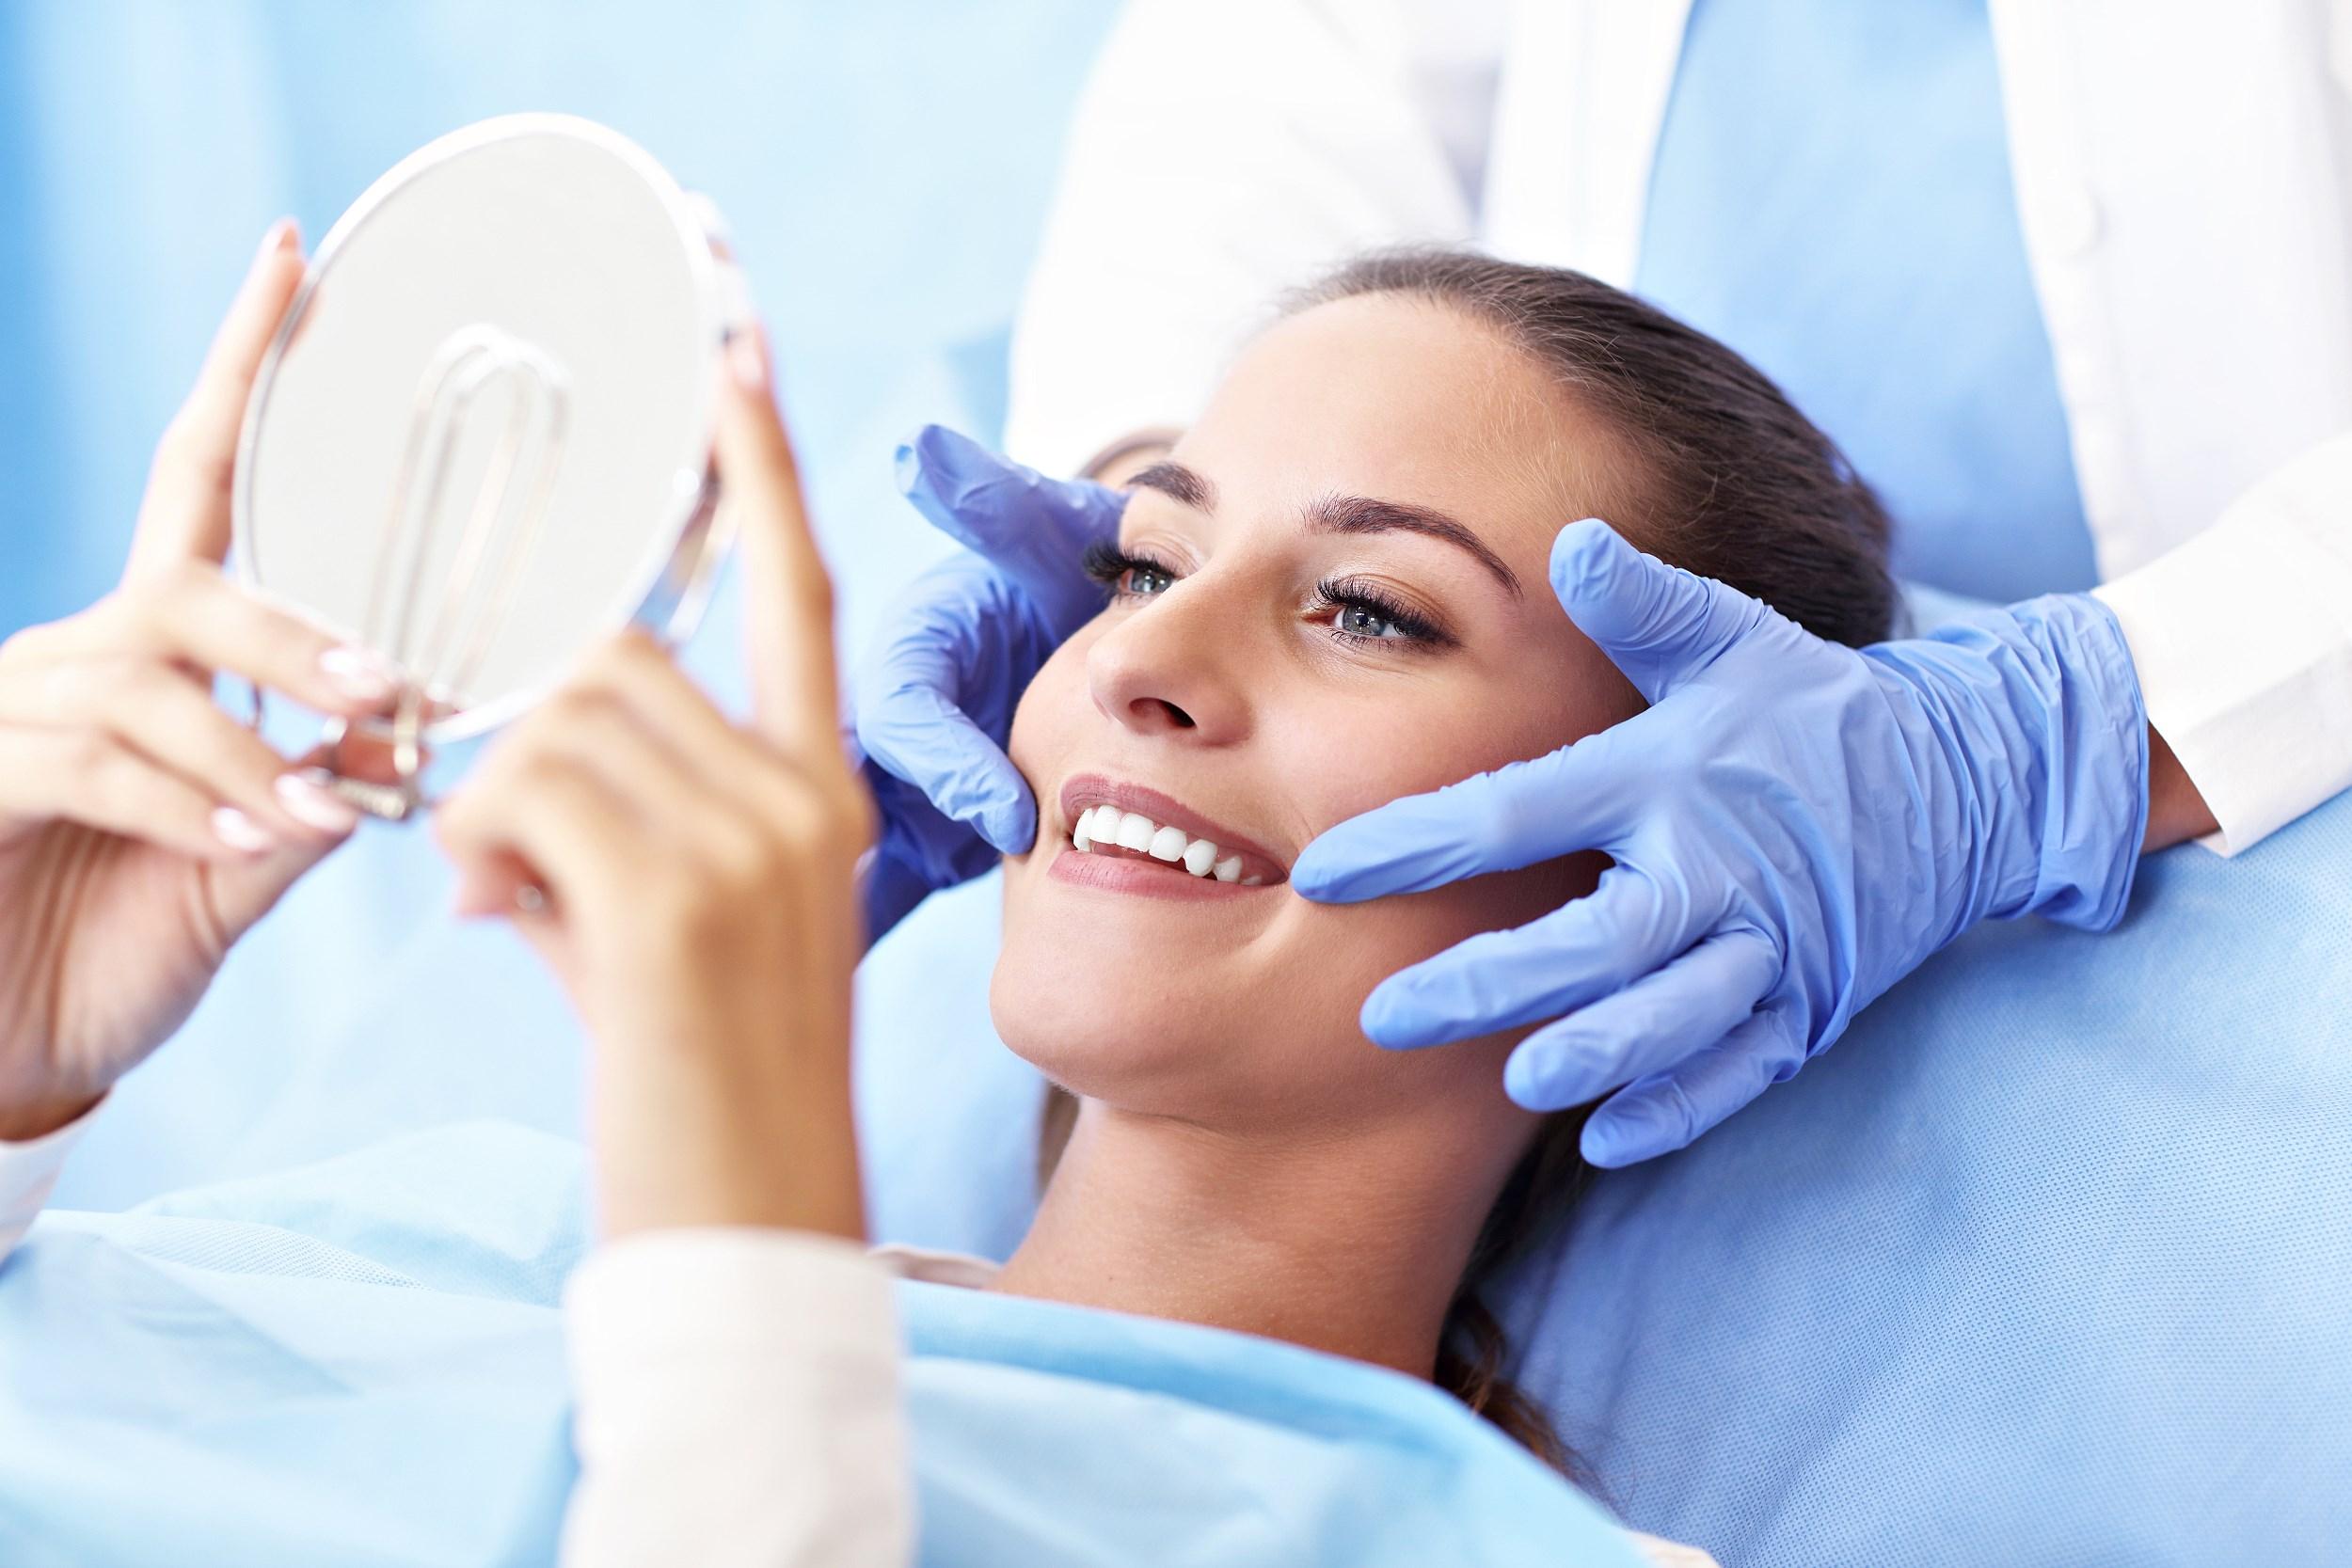 paciente-sorrindojpg